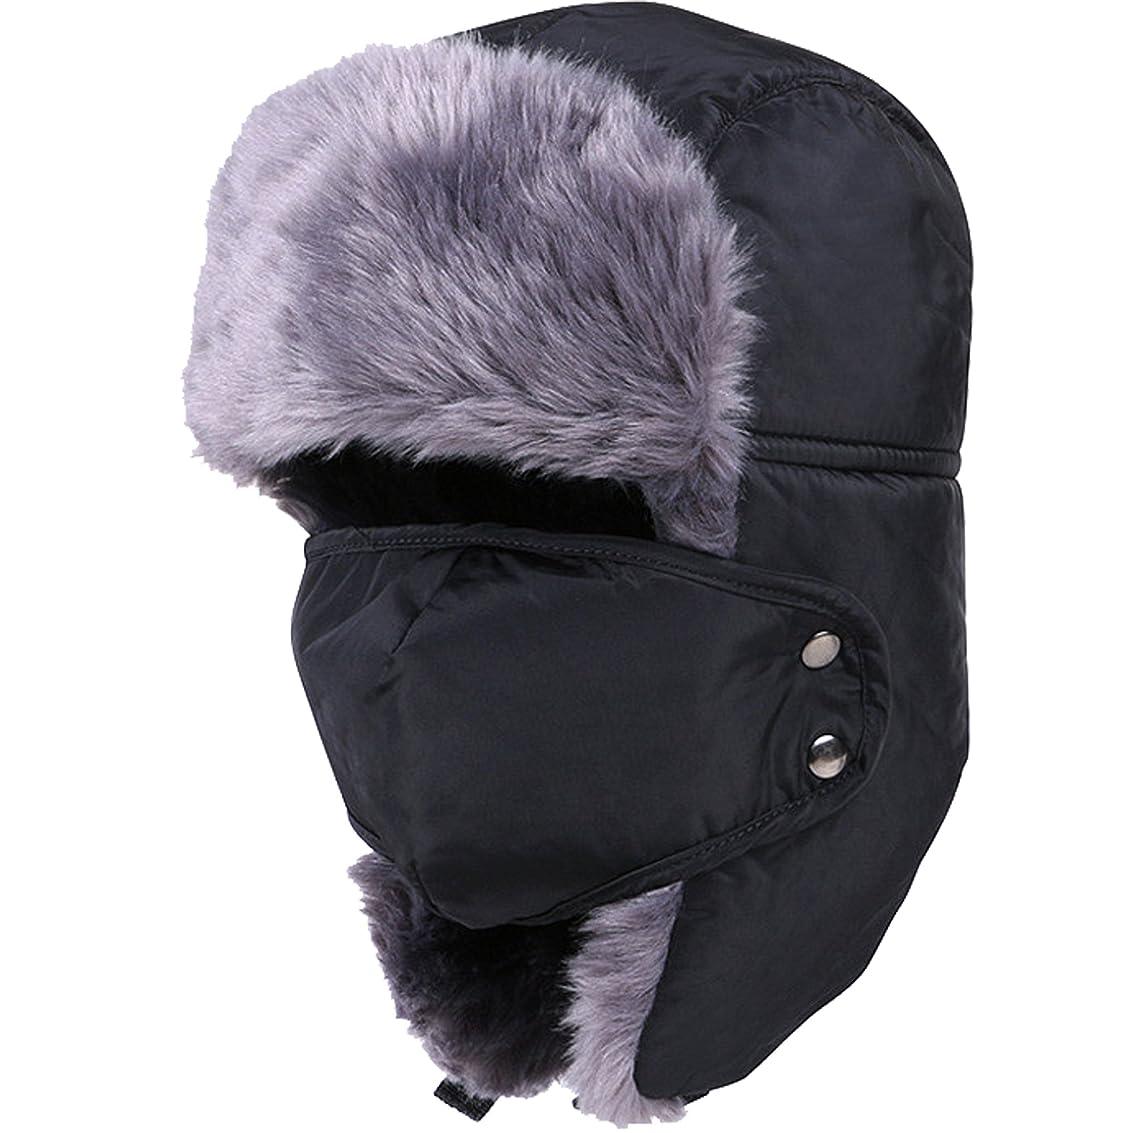 逮捕ギャング可愛い男の女のための耳のフラップとマスクの暖かい狩猟の帽子とトルーパーのトラッパーの帽子の冬の防風スキー帽子 (Black)